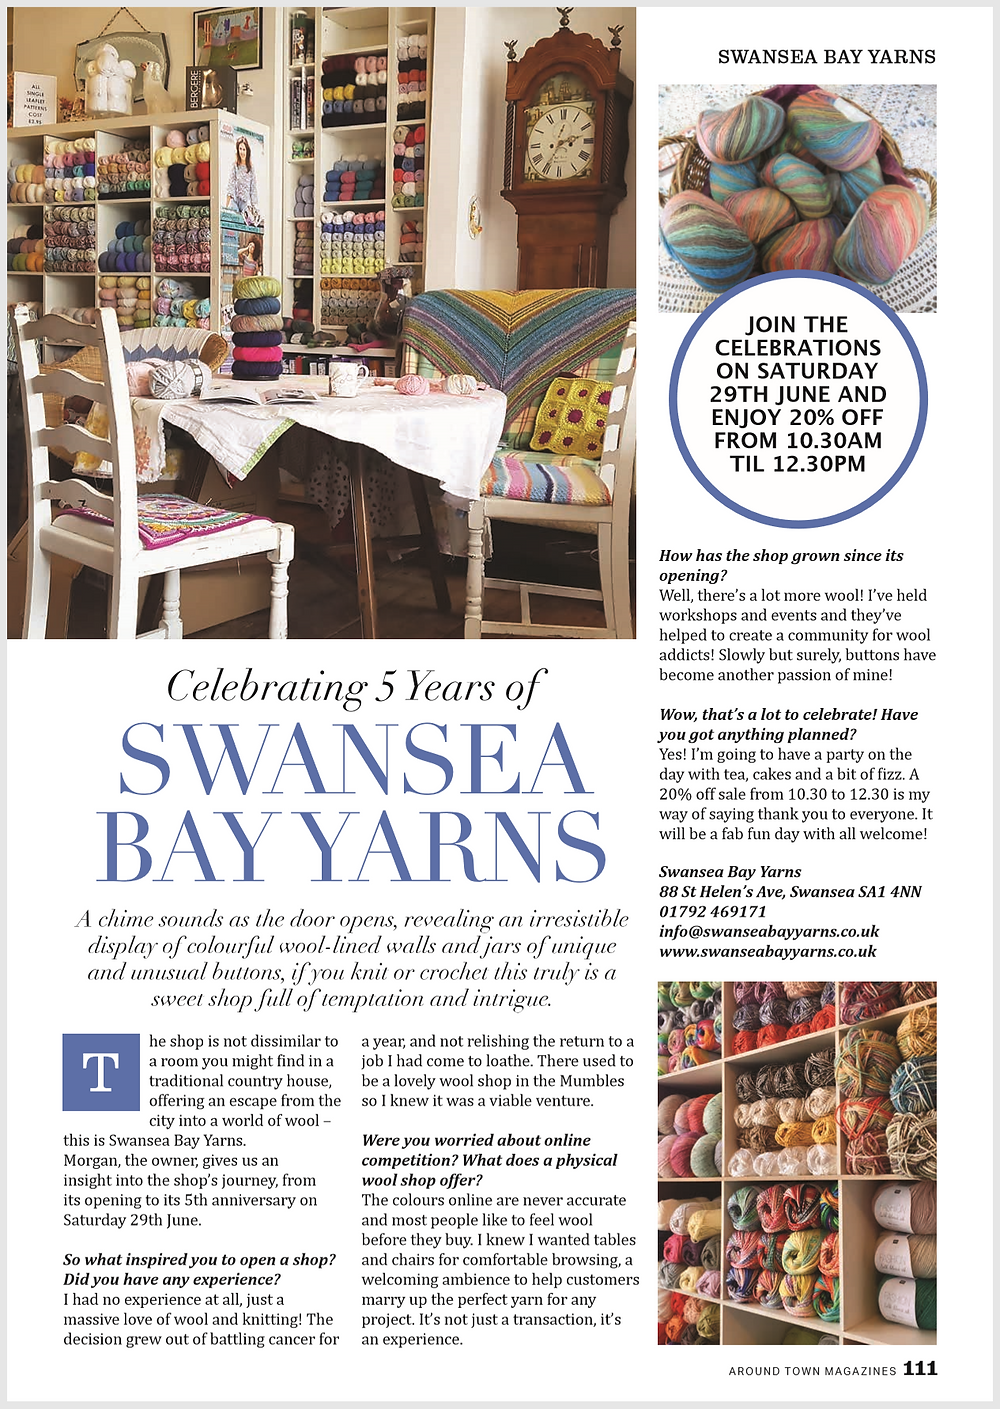 Swansea Bay Yarns - Around Town Interview